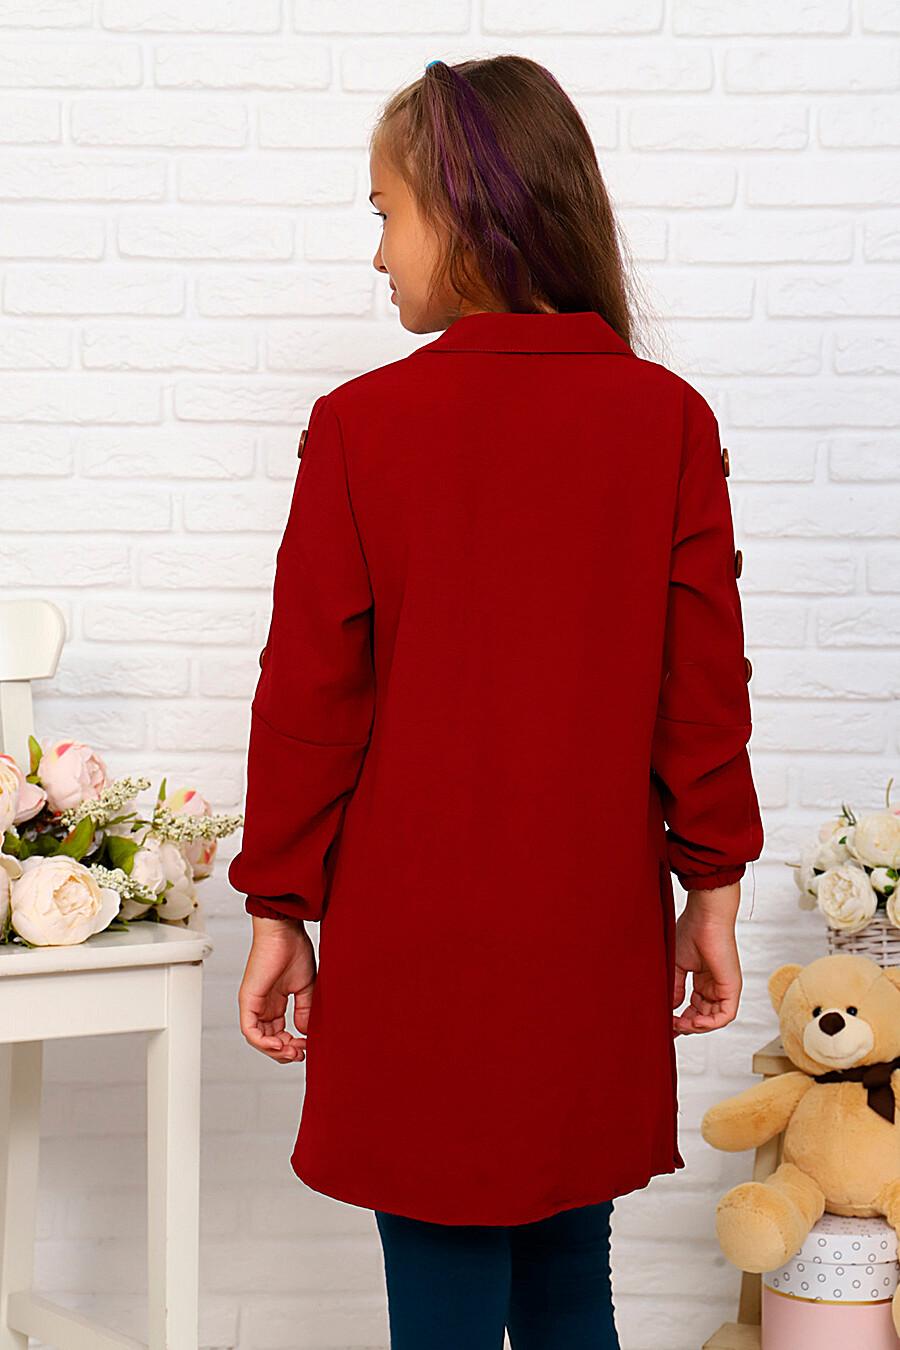 Туника-рубашка для девочек SOFIYA37 667934 купить оптом от производителя. Совместная покупка детской одежды в OptMoyo